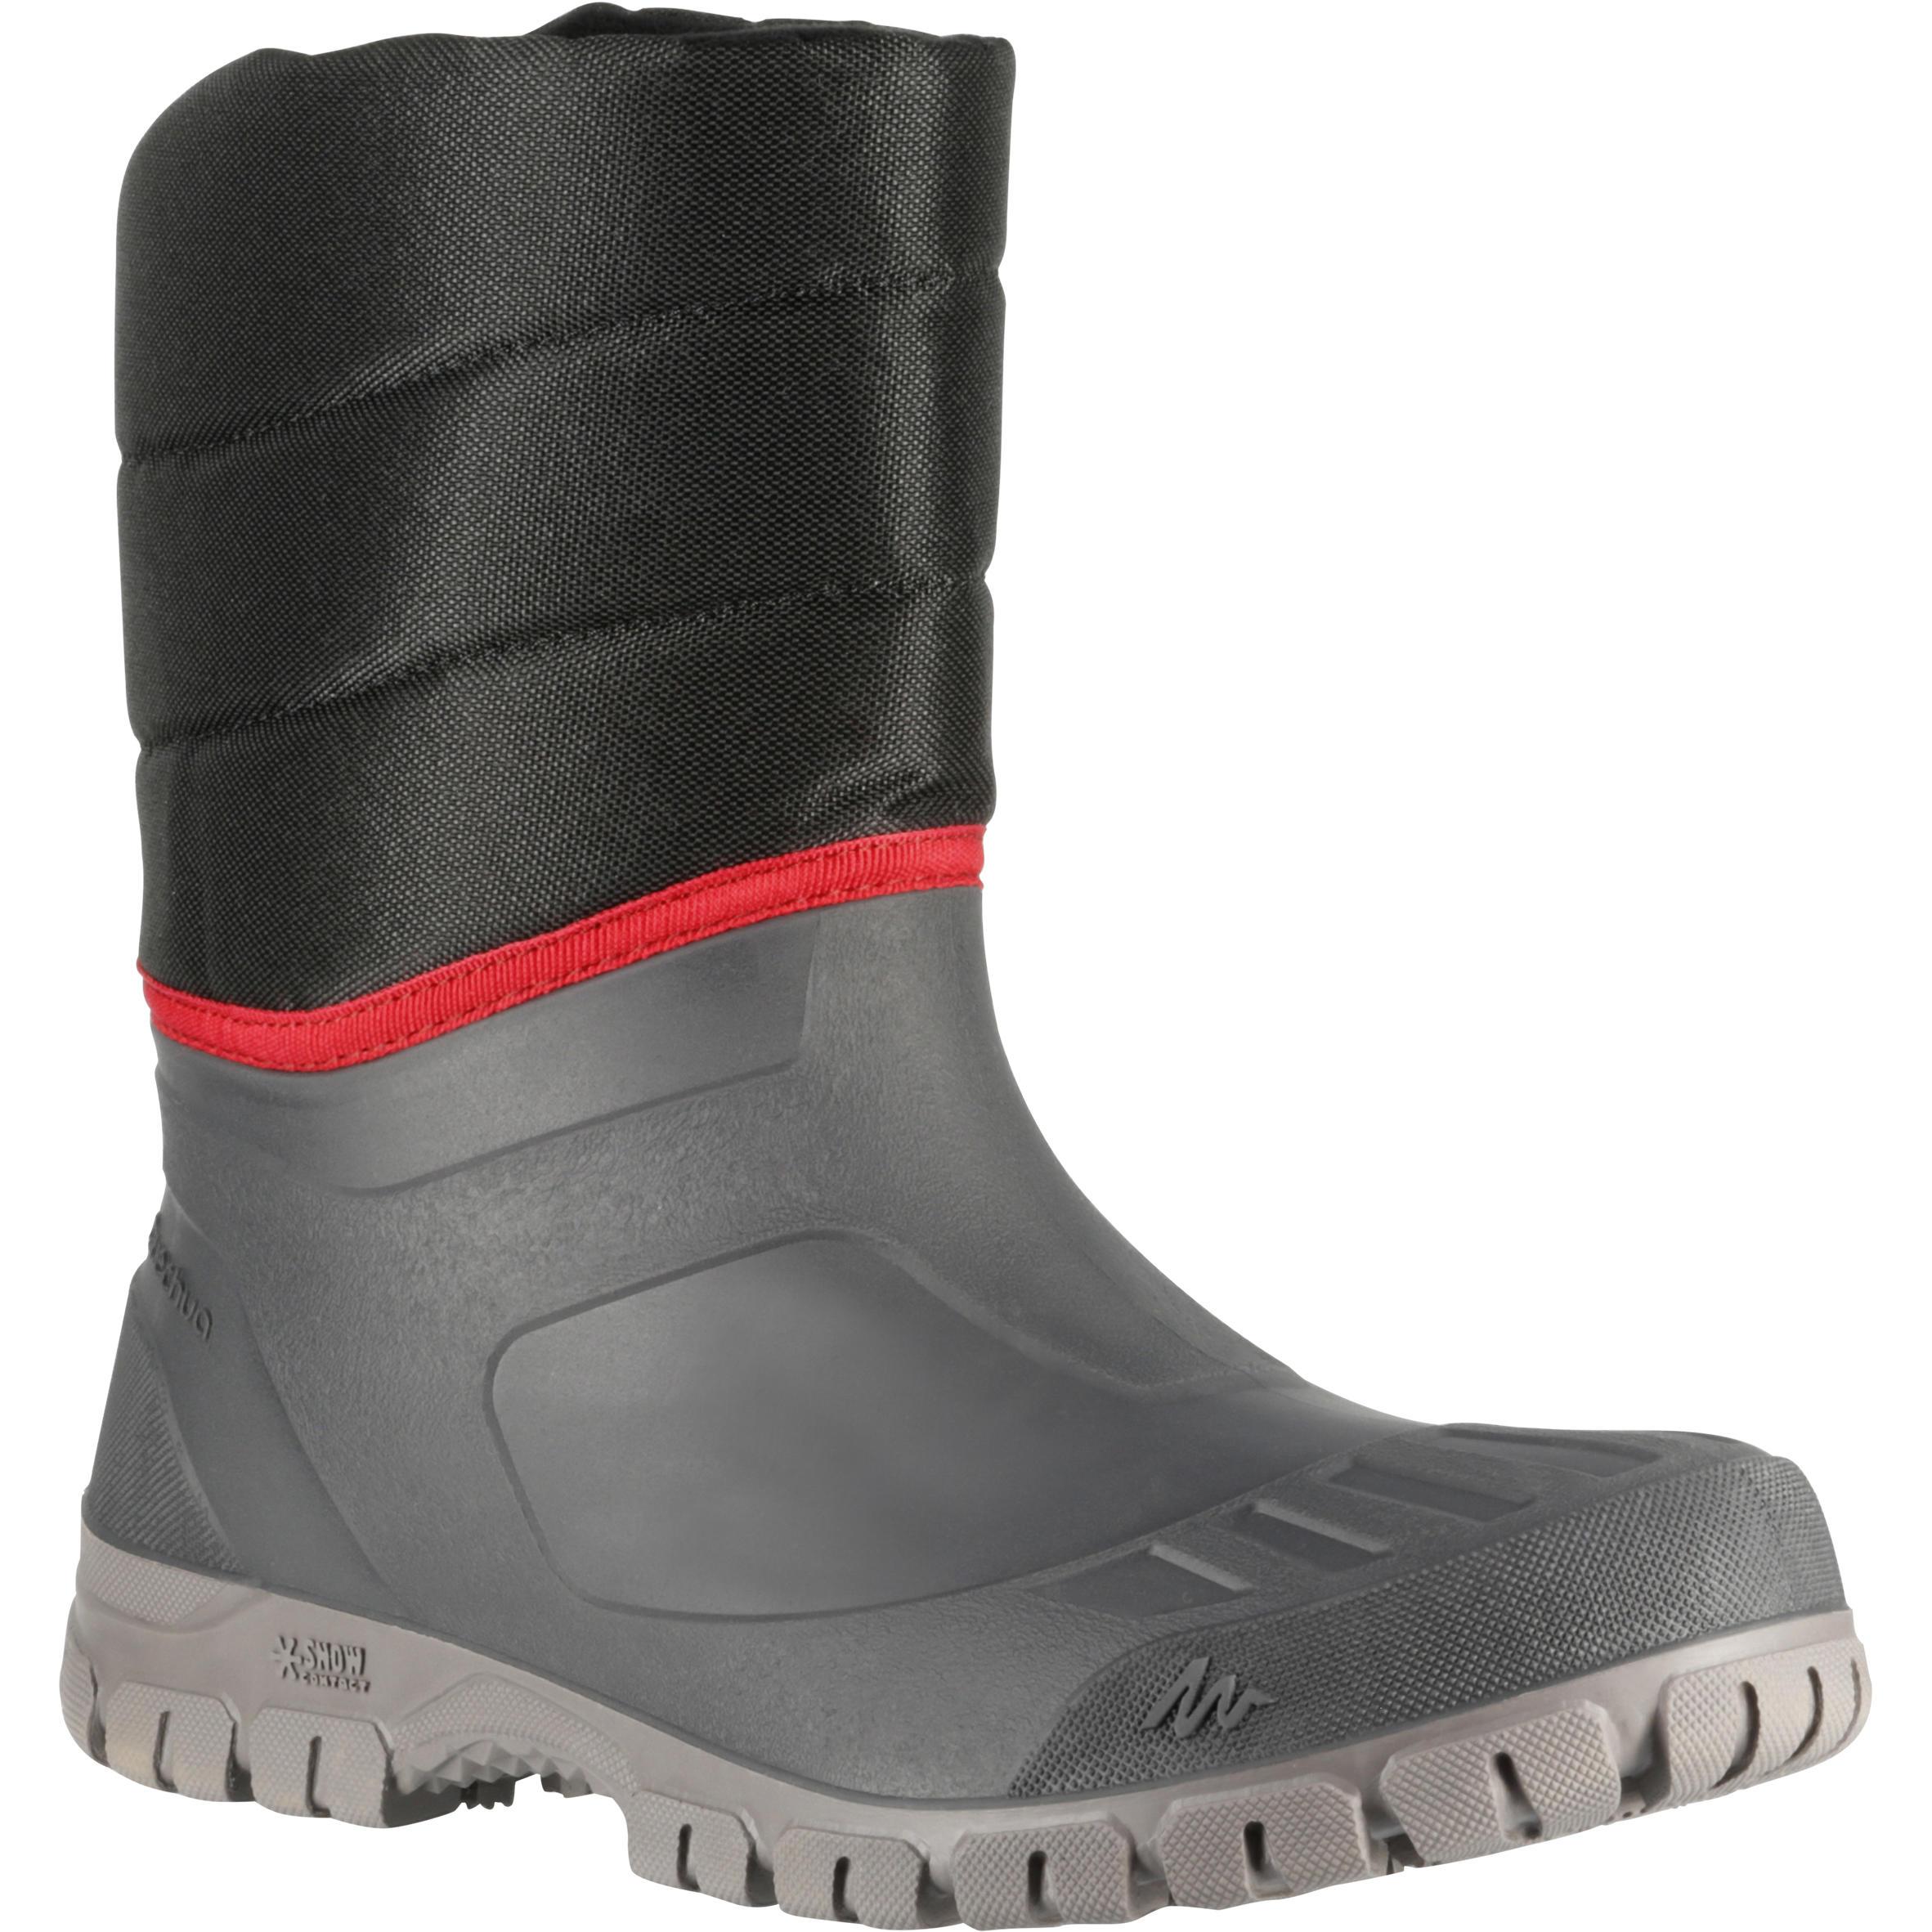 Quechua Laarzen voor wandelen in de sneeuw heren SH100 warm/waterdicht thumbnail